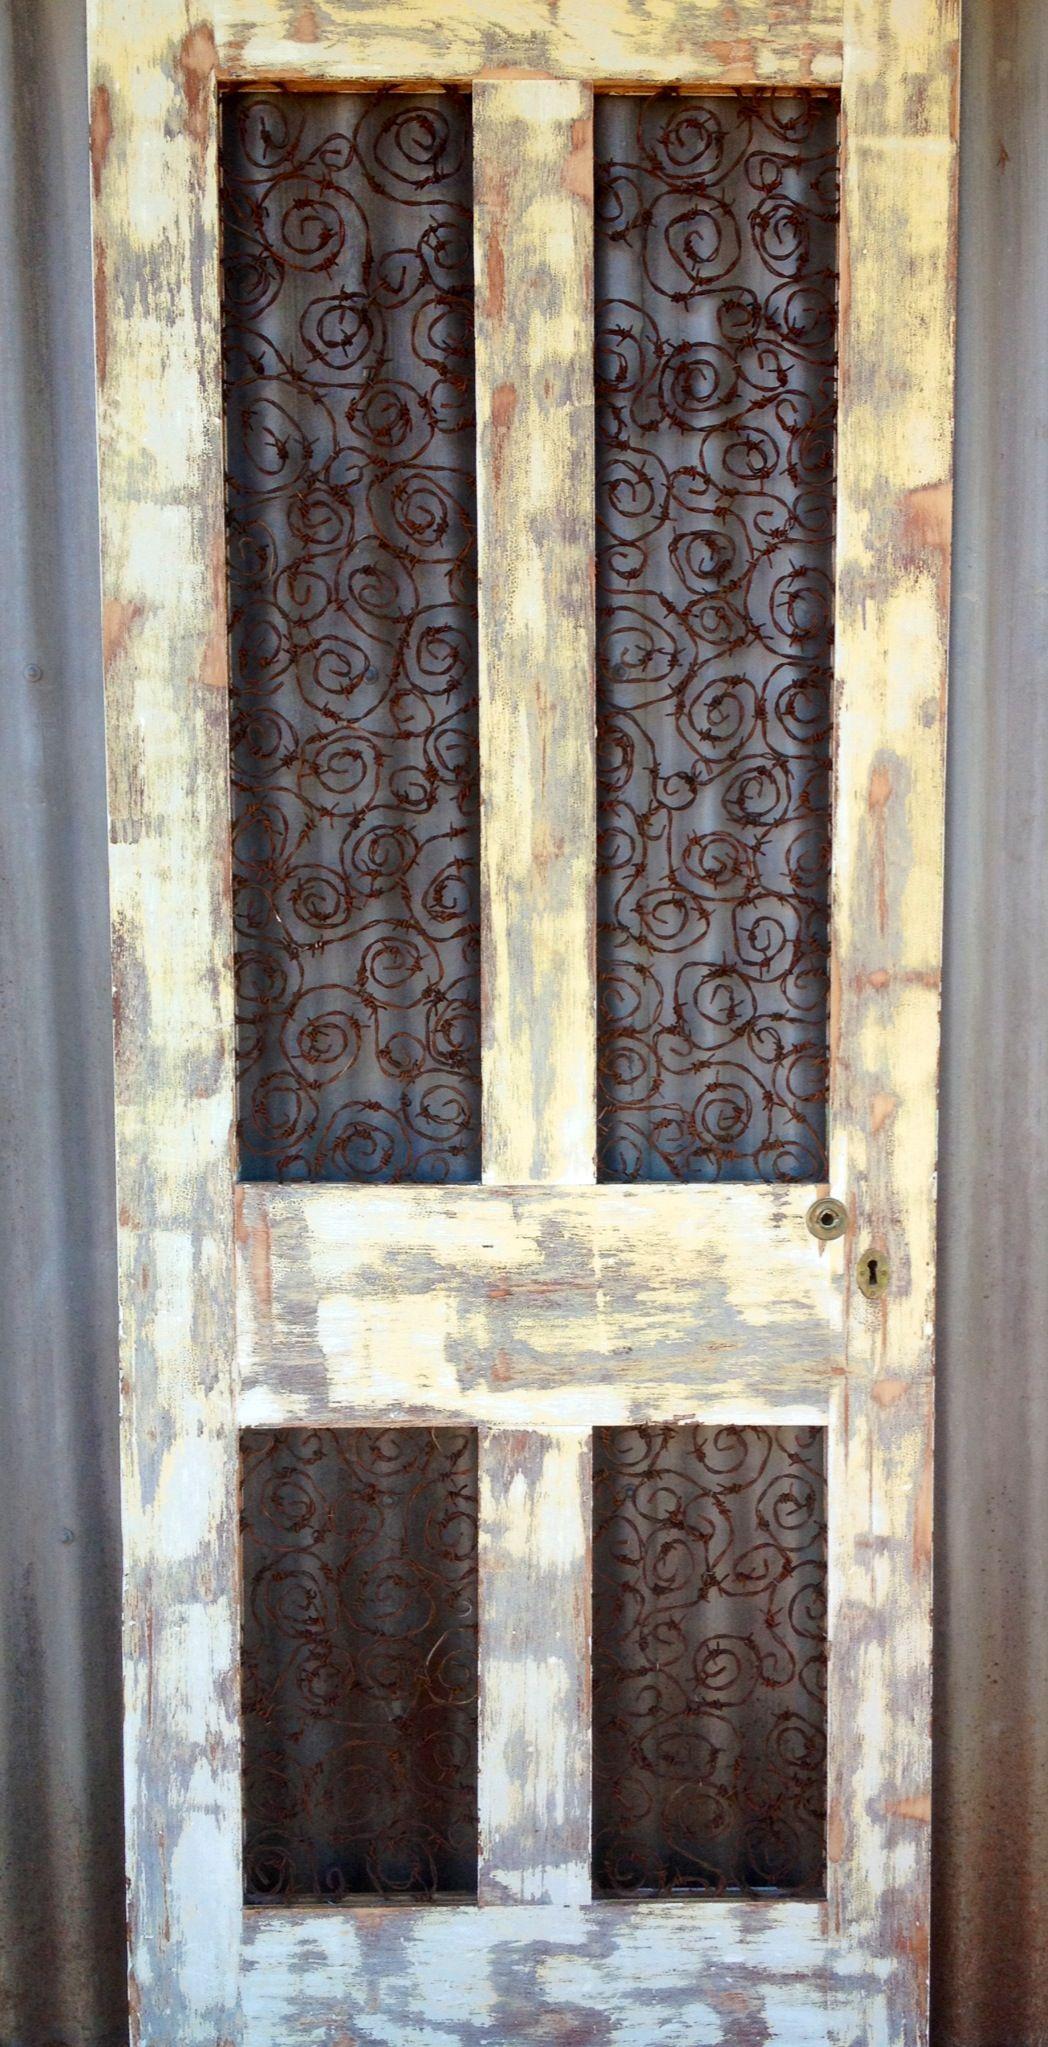 Barb Wire Door Wall Art Could Do That To Screen Door 12 Gauge